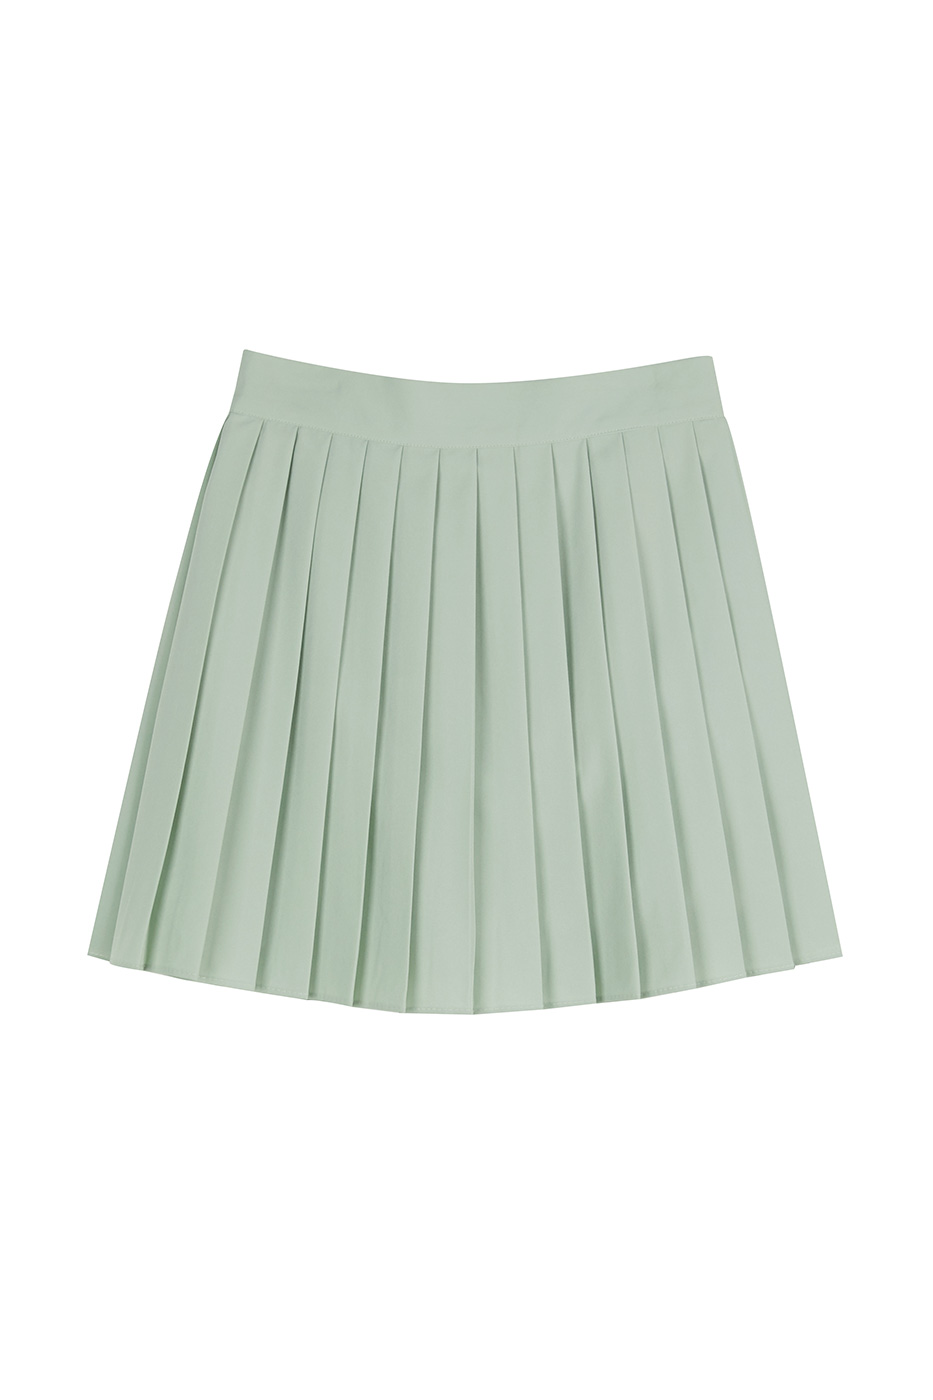 Sarah pleated short skirt